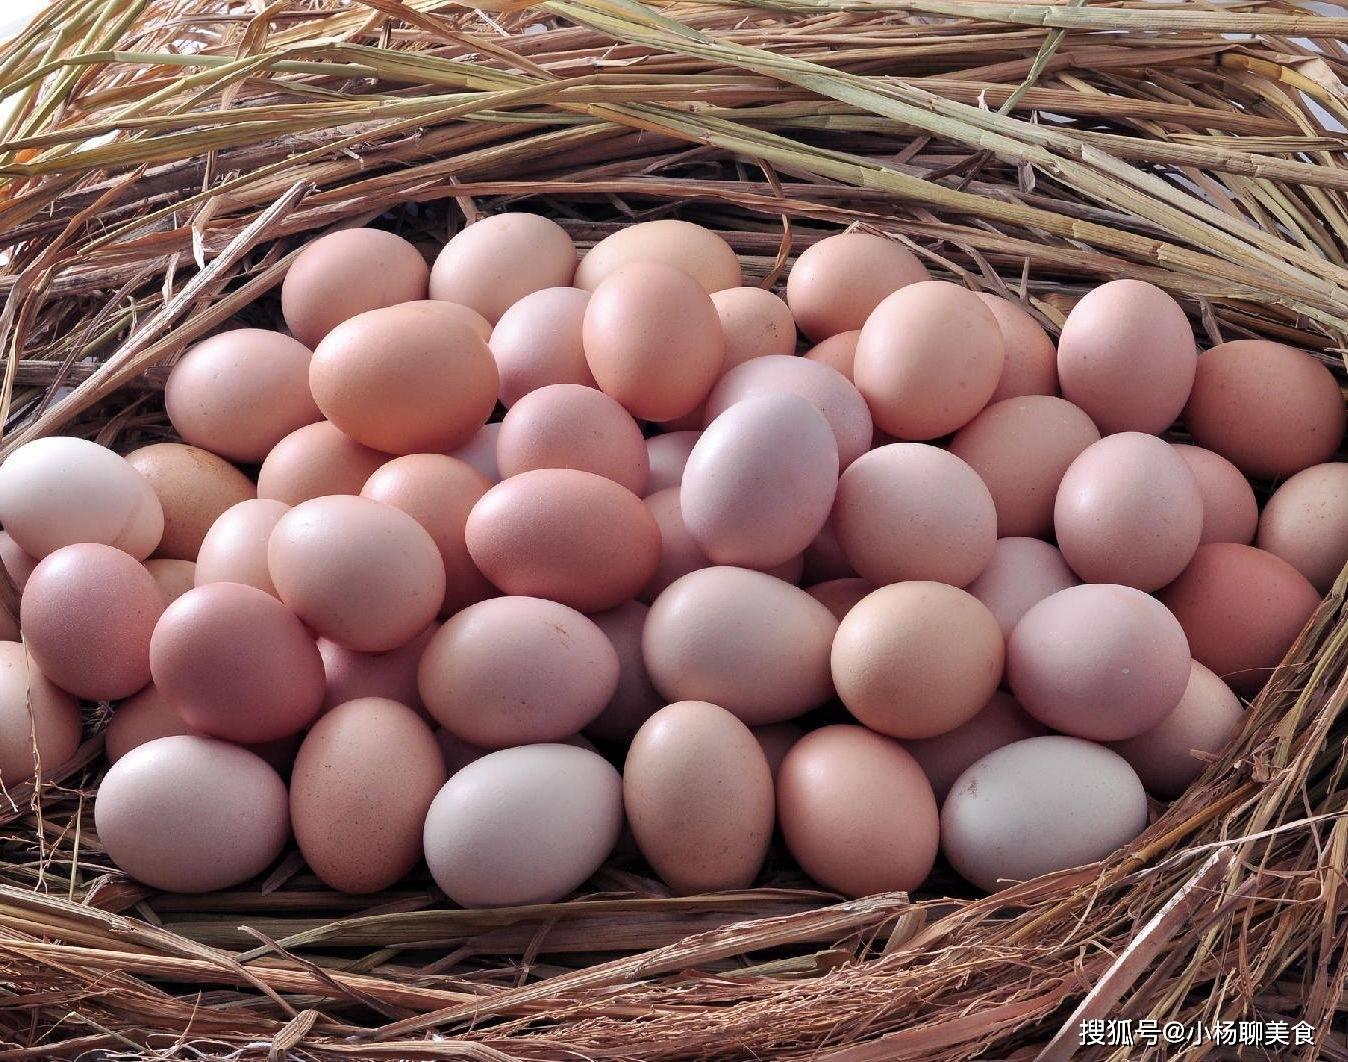 提个醒:此种鸡蛋不可食用,更不要买,别怪我没提醒你!